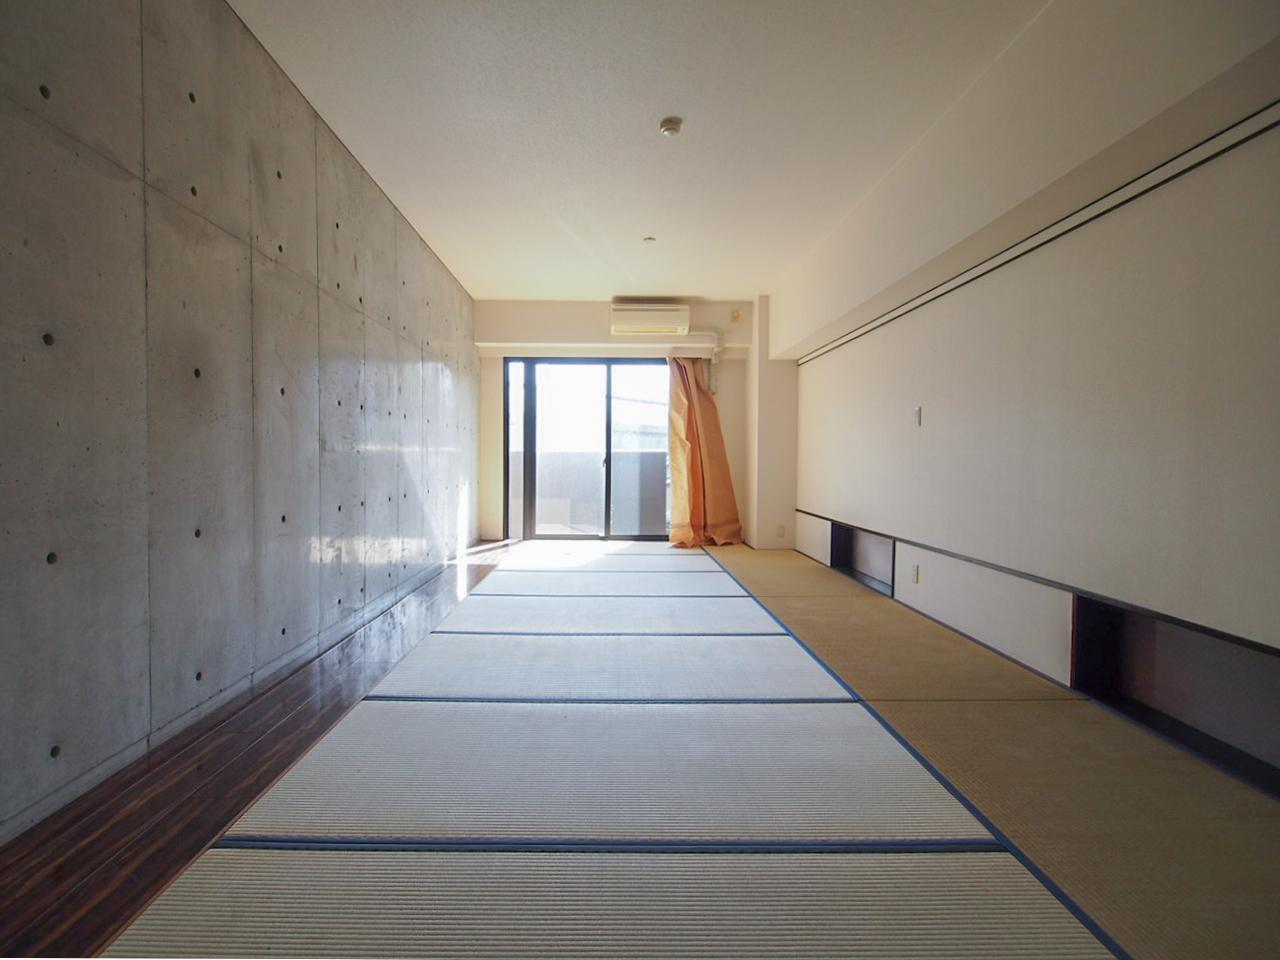 和洋折衷アパートメント (福岡市西区愛宕の物件) - 福岡R不動産